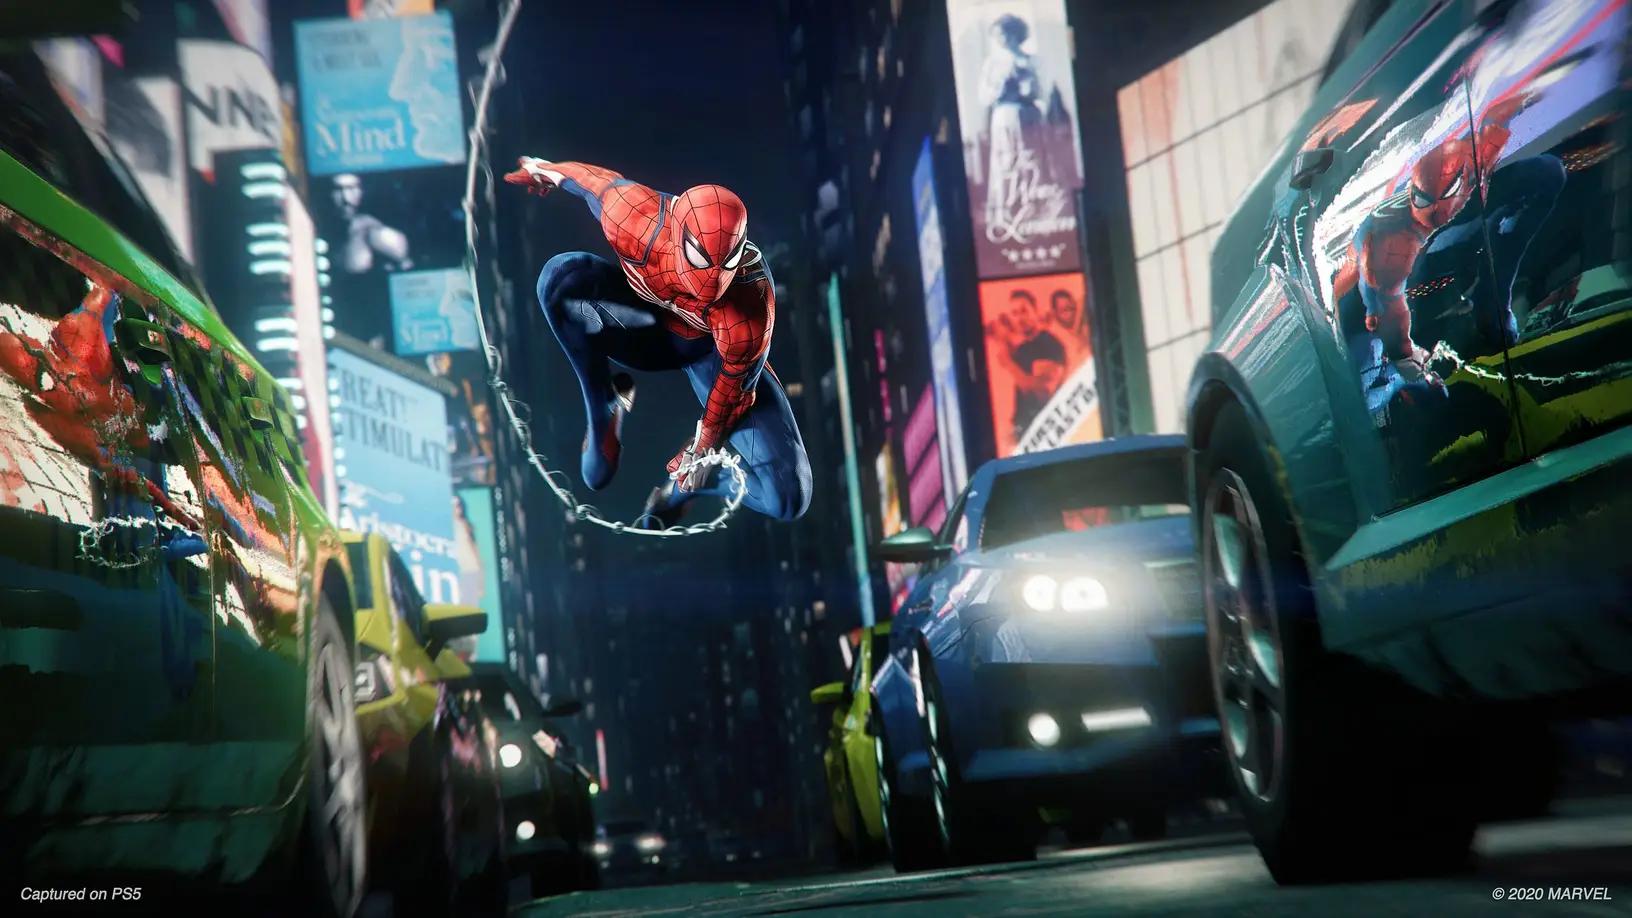 Jogos: Marvel's Spider-Man Remastered ganha trailer com novo Peter